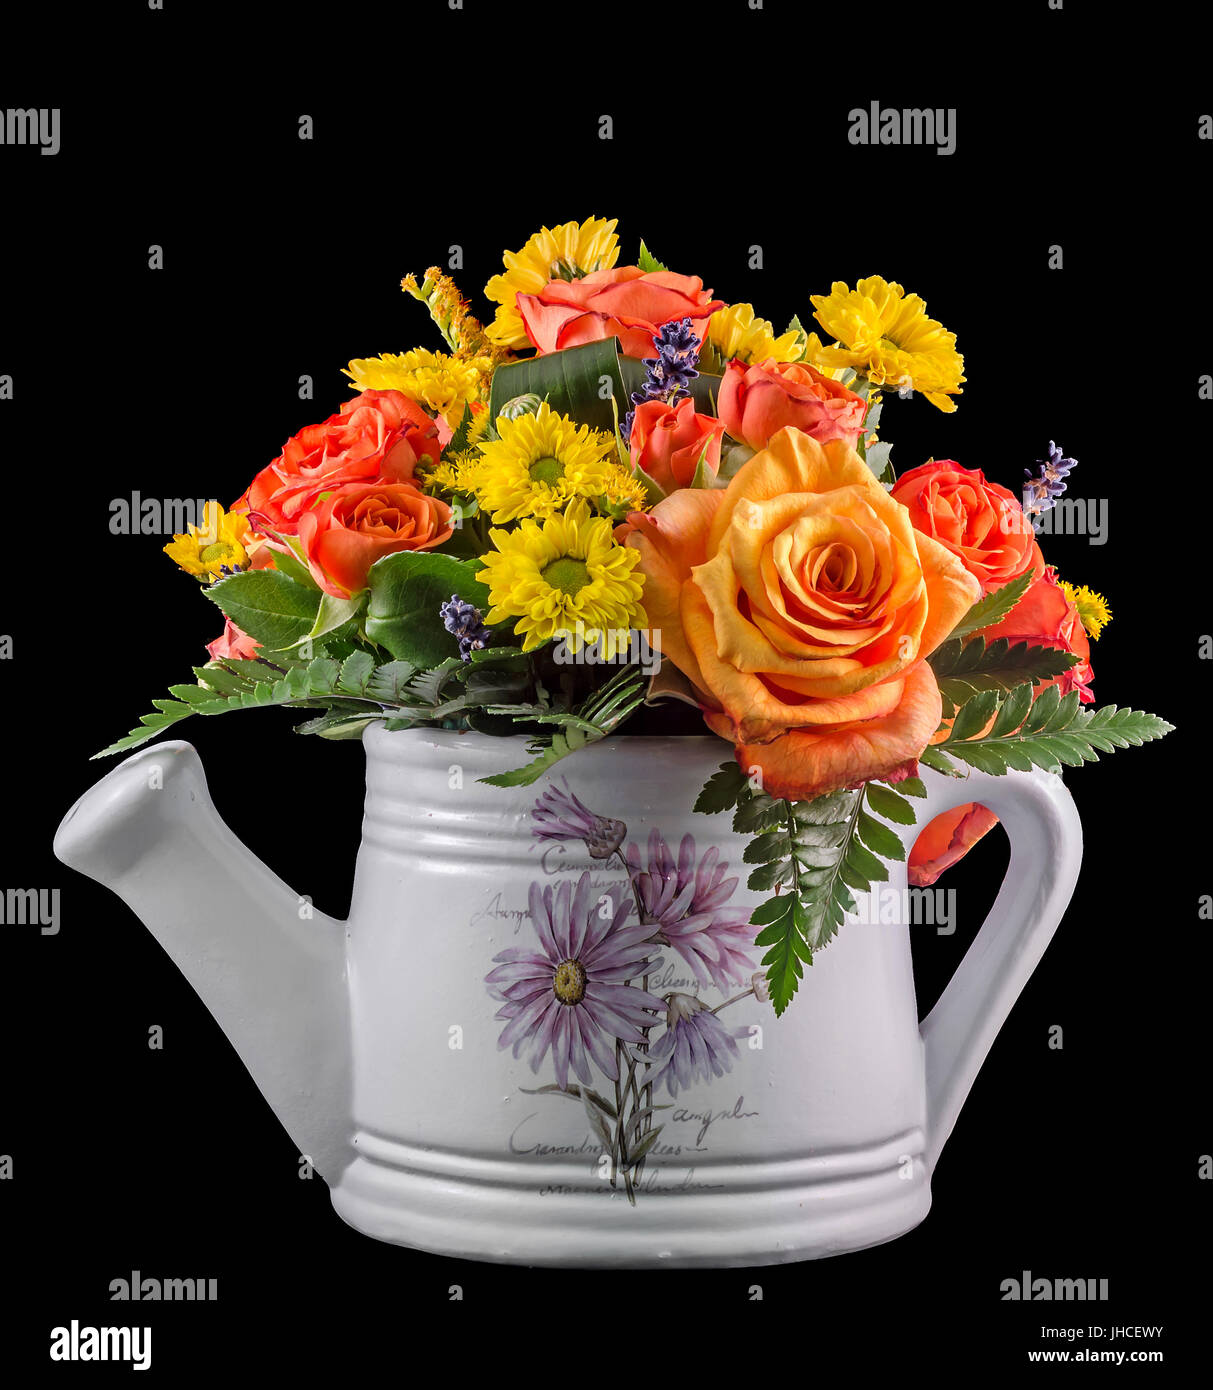 Vivid Colored Flowers Orange Roses In A White Sprinkler Watering